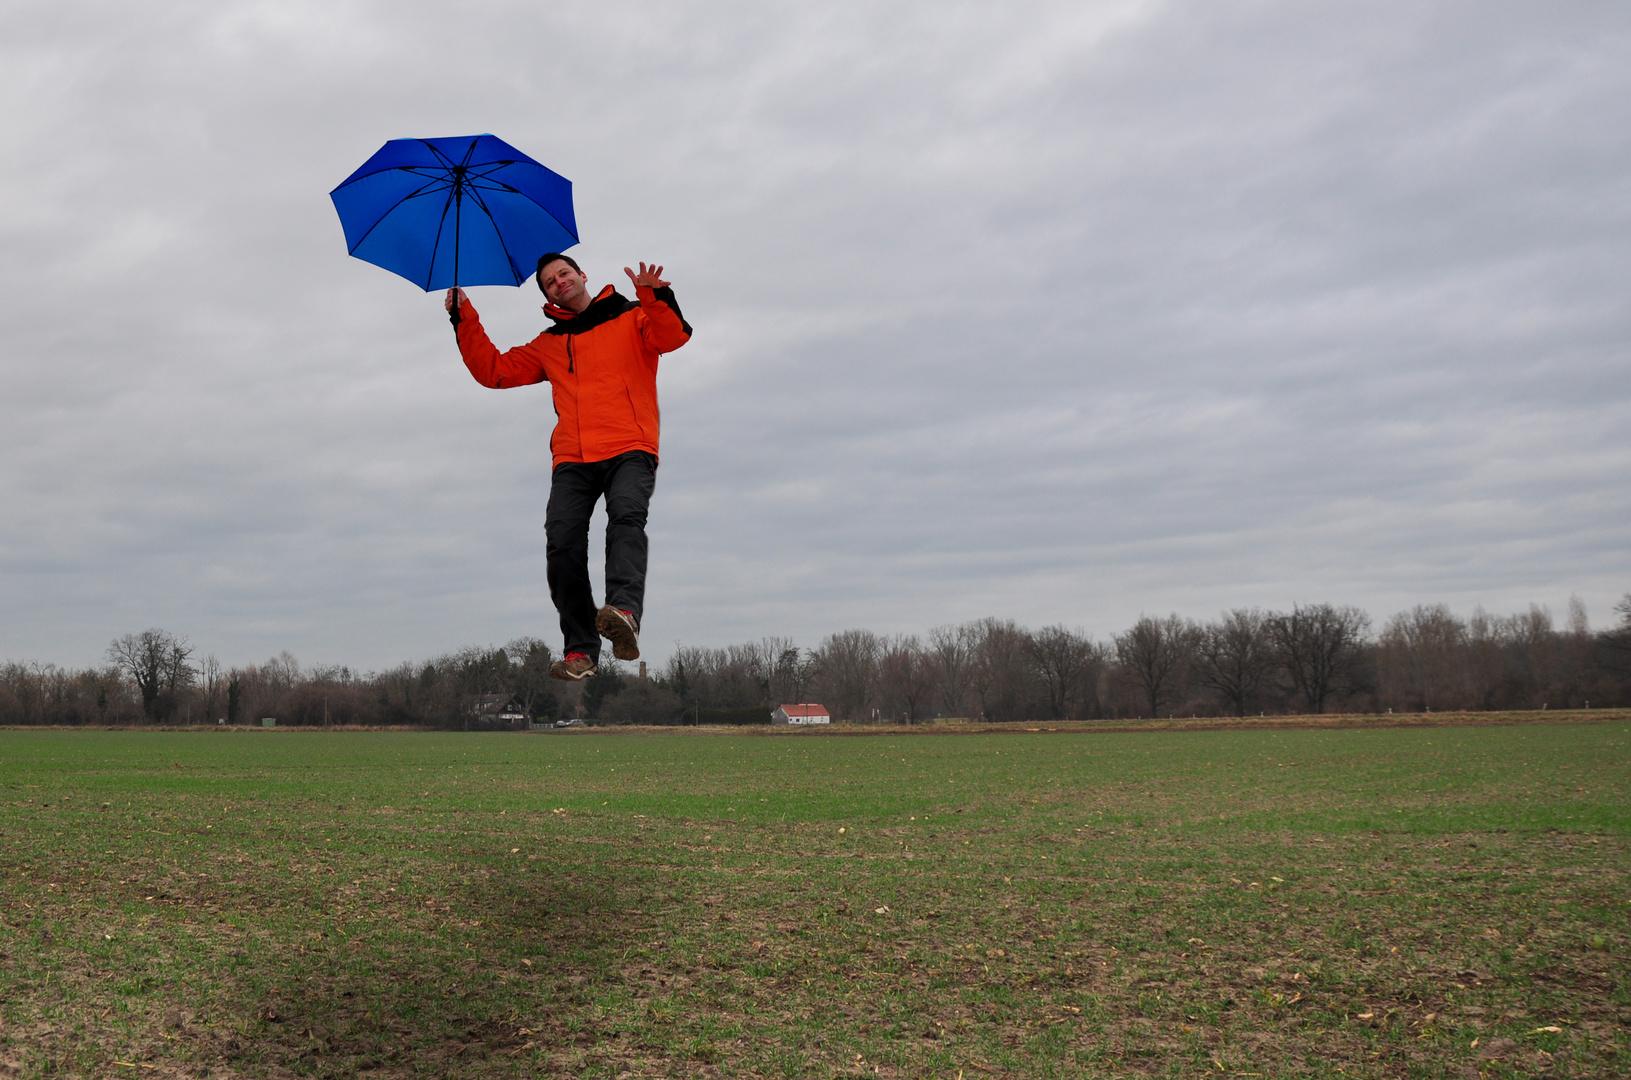 Fliegender Fotograf